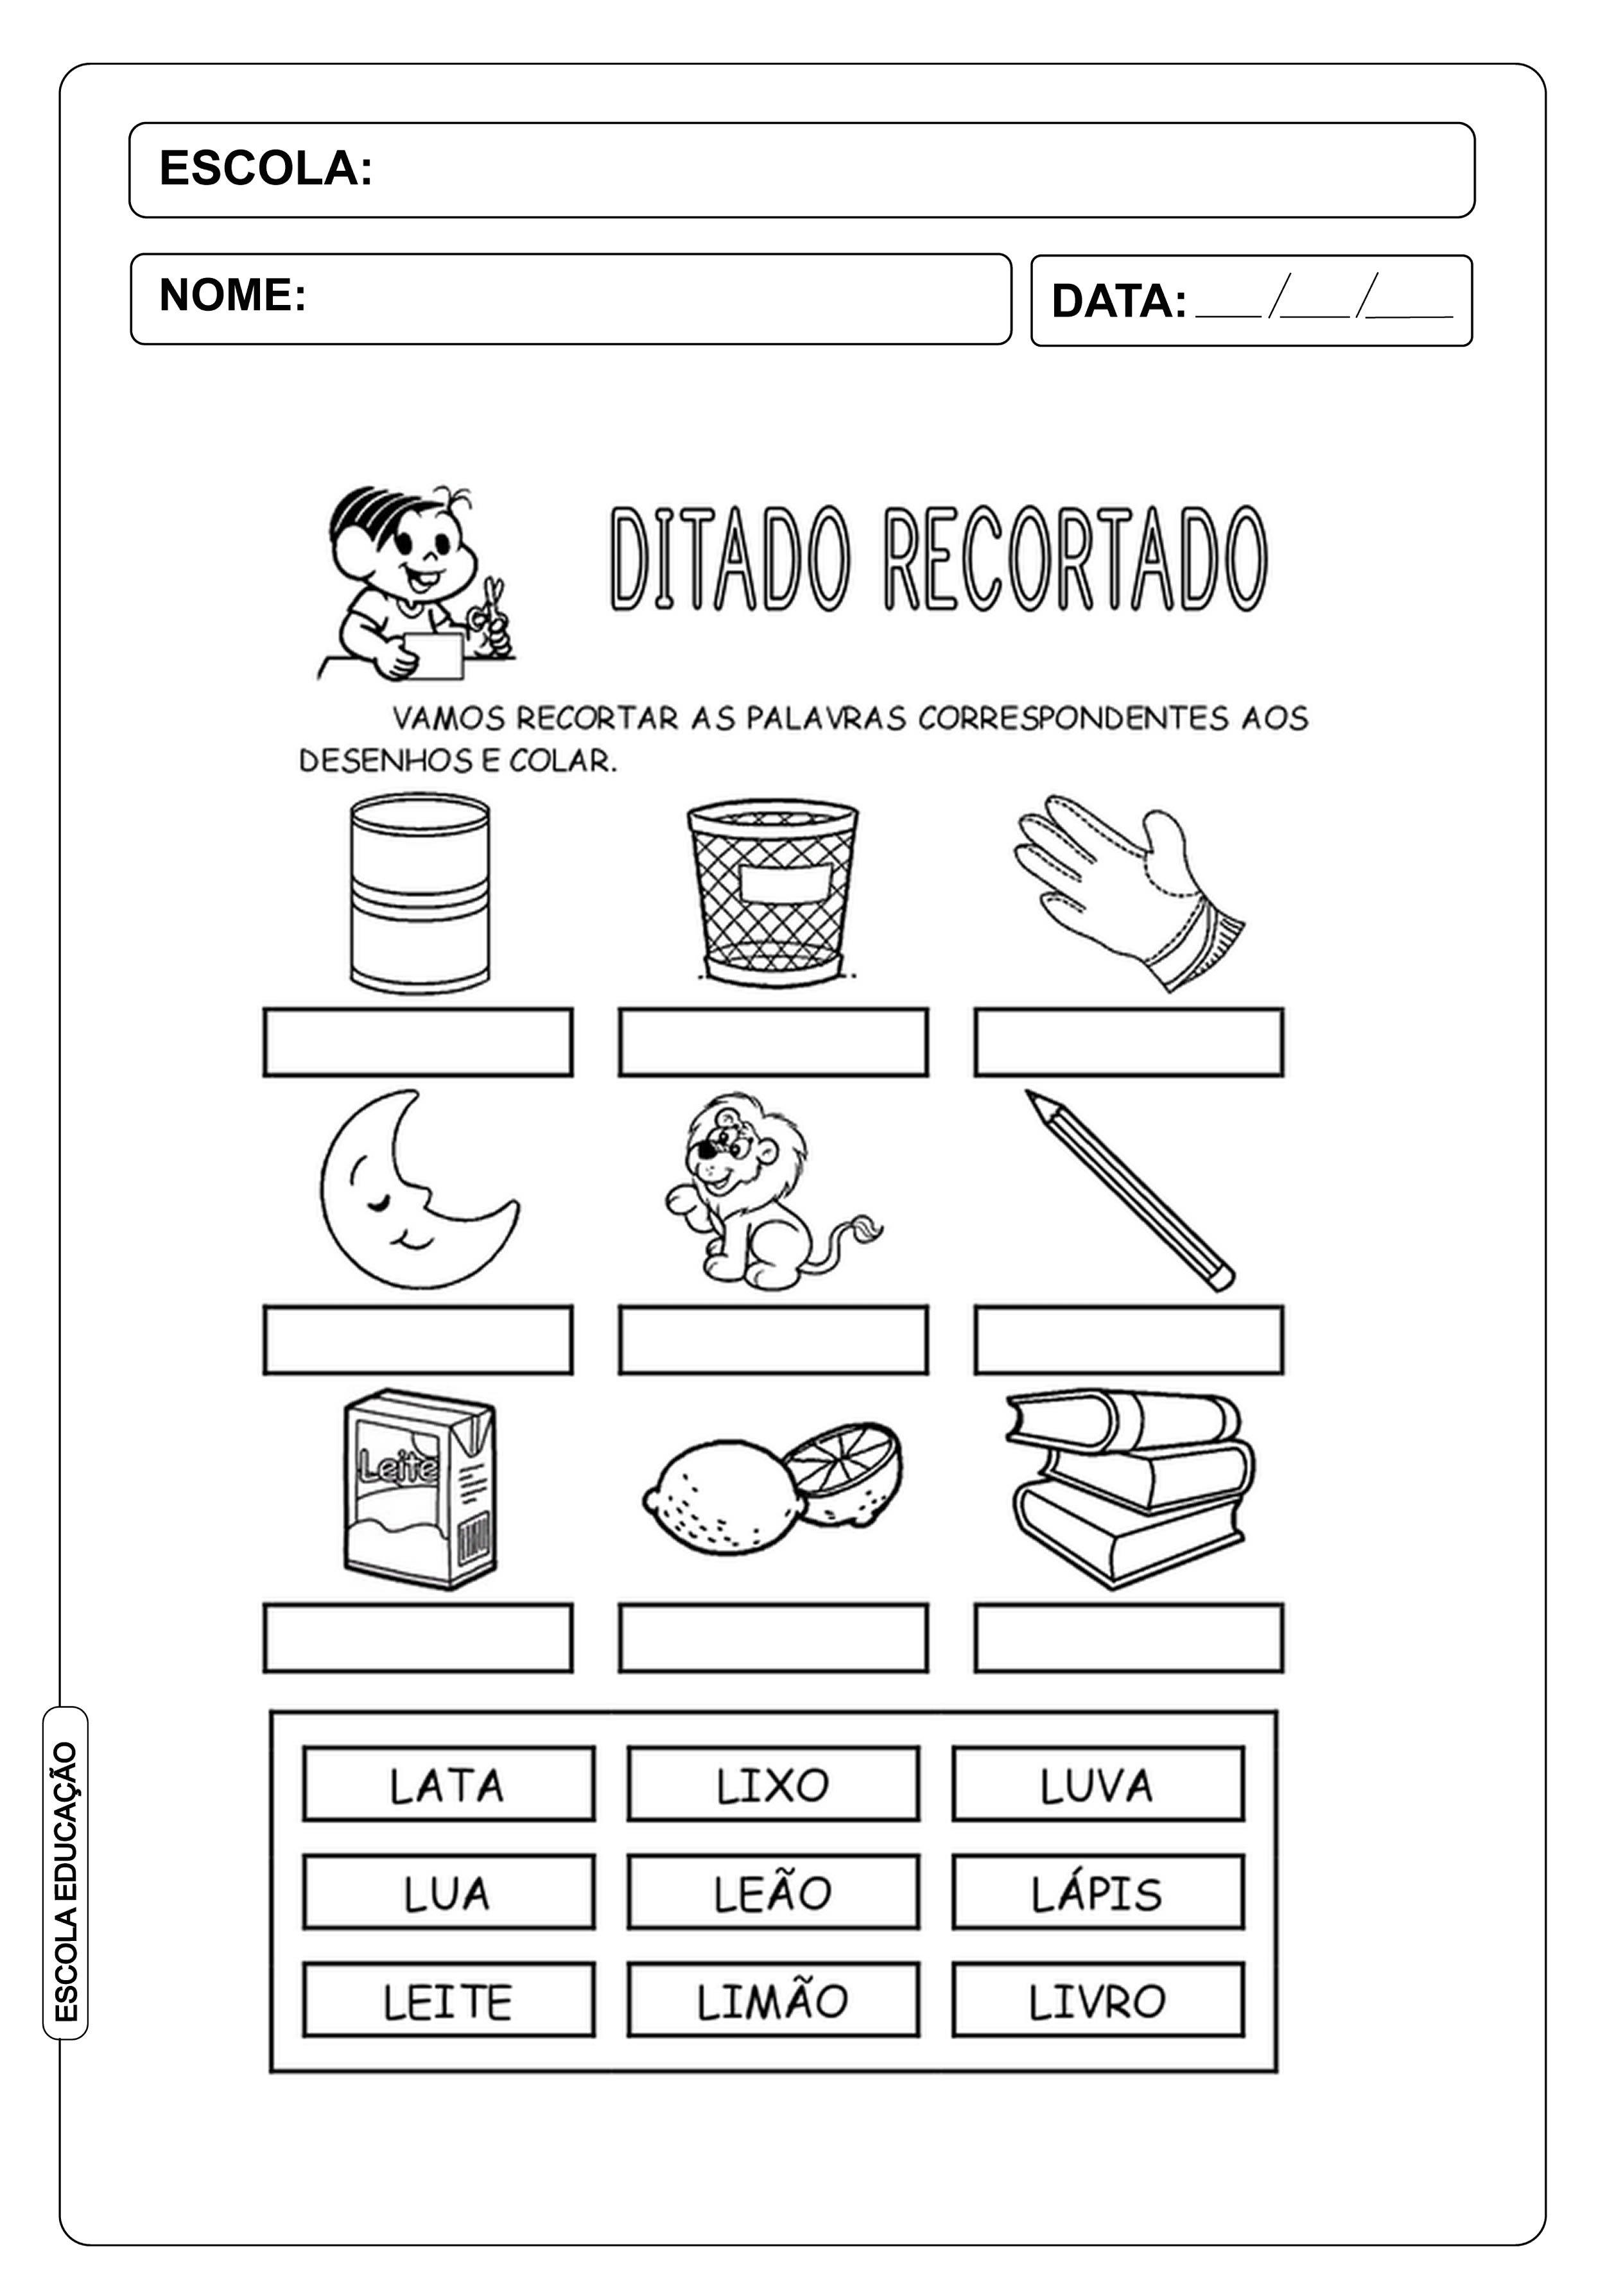 Ditado Recortado Atividades Com A Letra Do Alfabeto L Escola